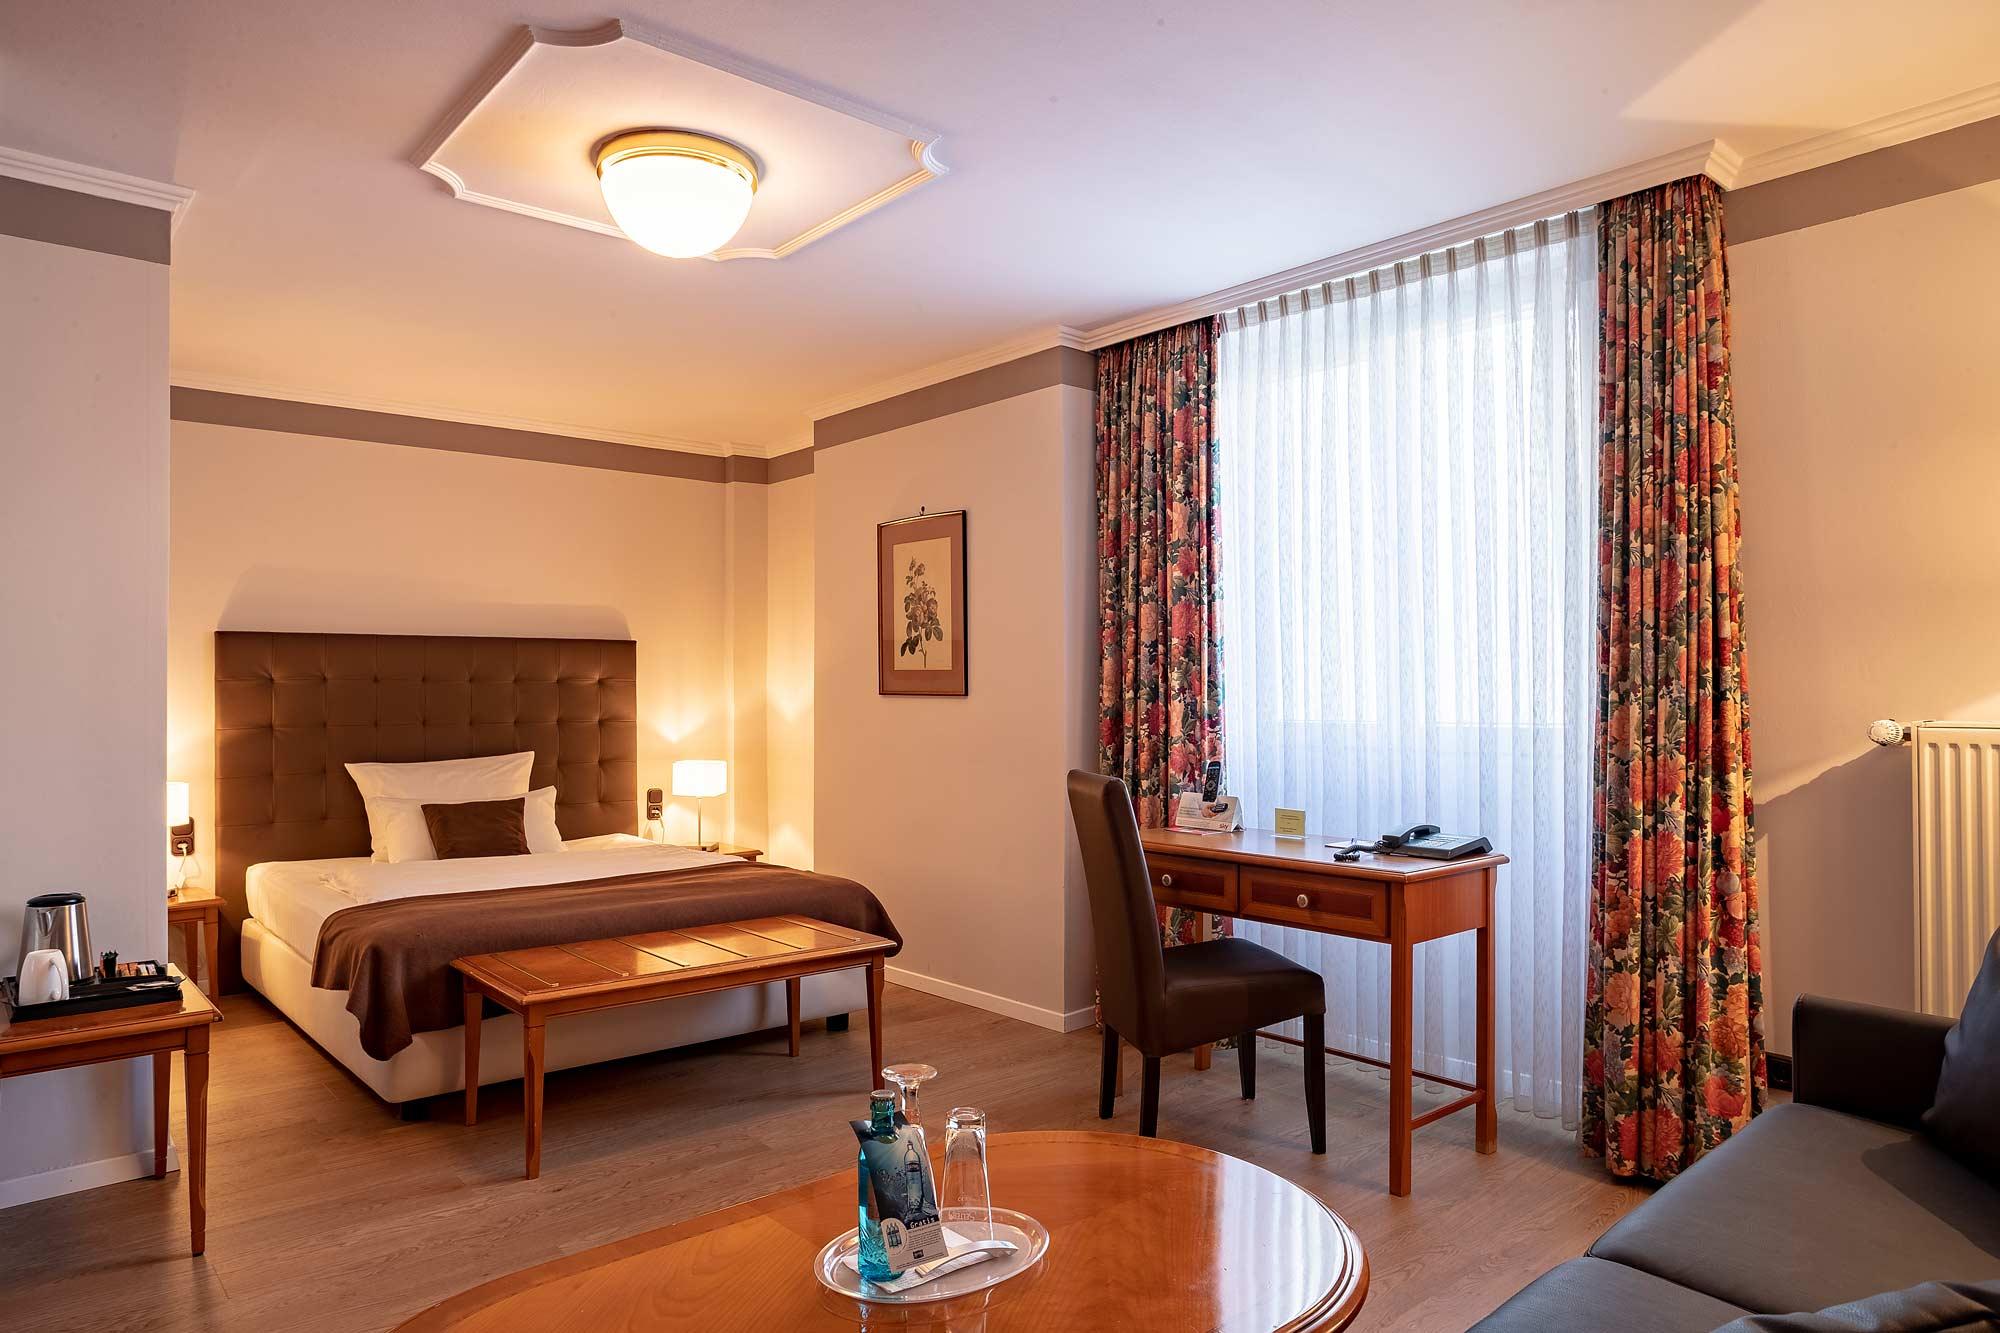 Zimmer 19 | Hotel an der Messe | Frankfurts Geheimtipp · Reisende · Urlauber